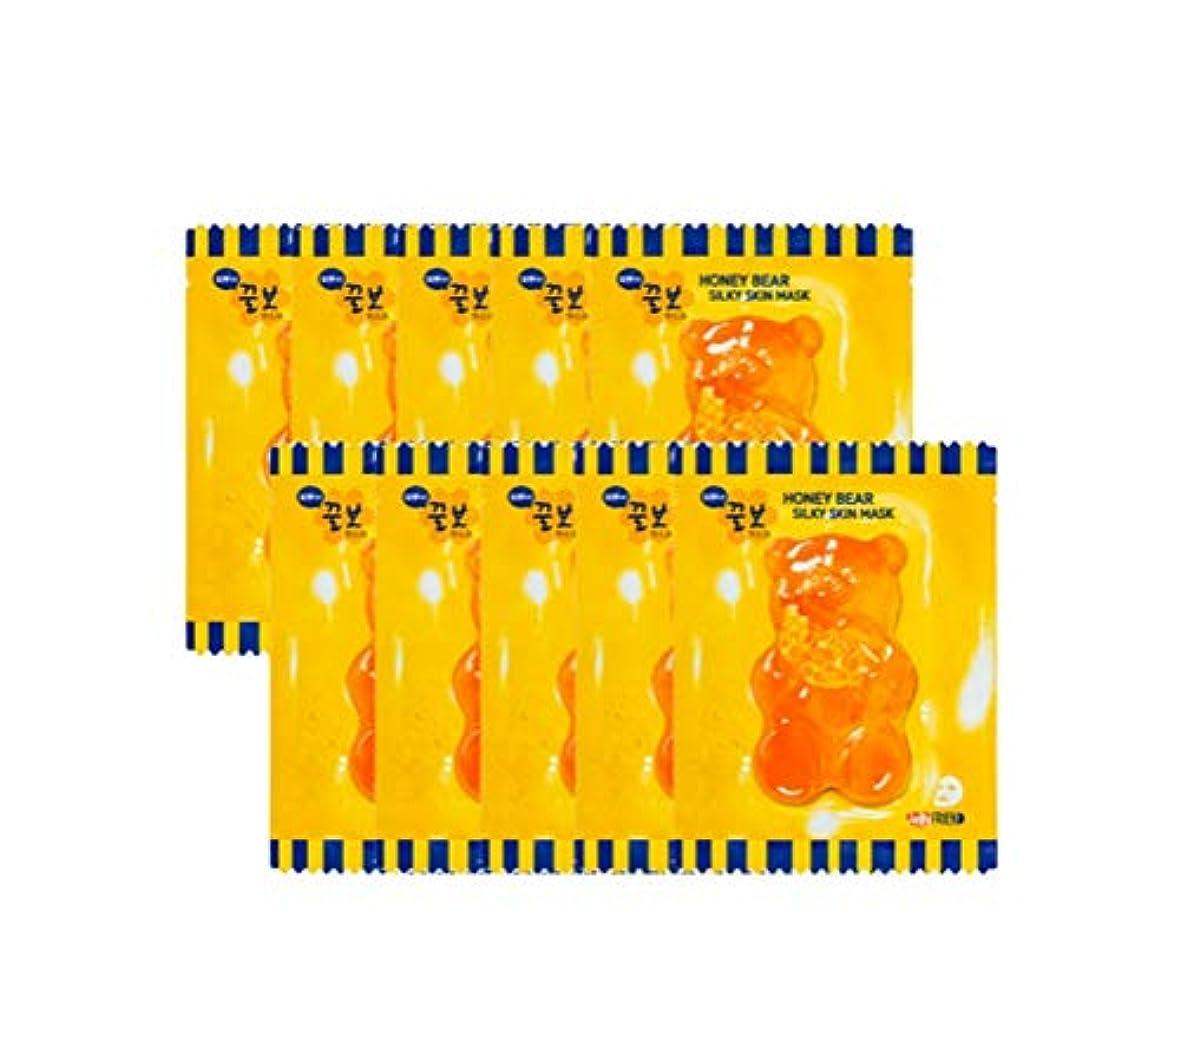 チューリップ巨大なパン屋JellyFRIEN Honey Bear Silky Skin Mask 10ea ロイヤルゼリー蜂蜜成分と保湿マスクパック(海外直送品)